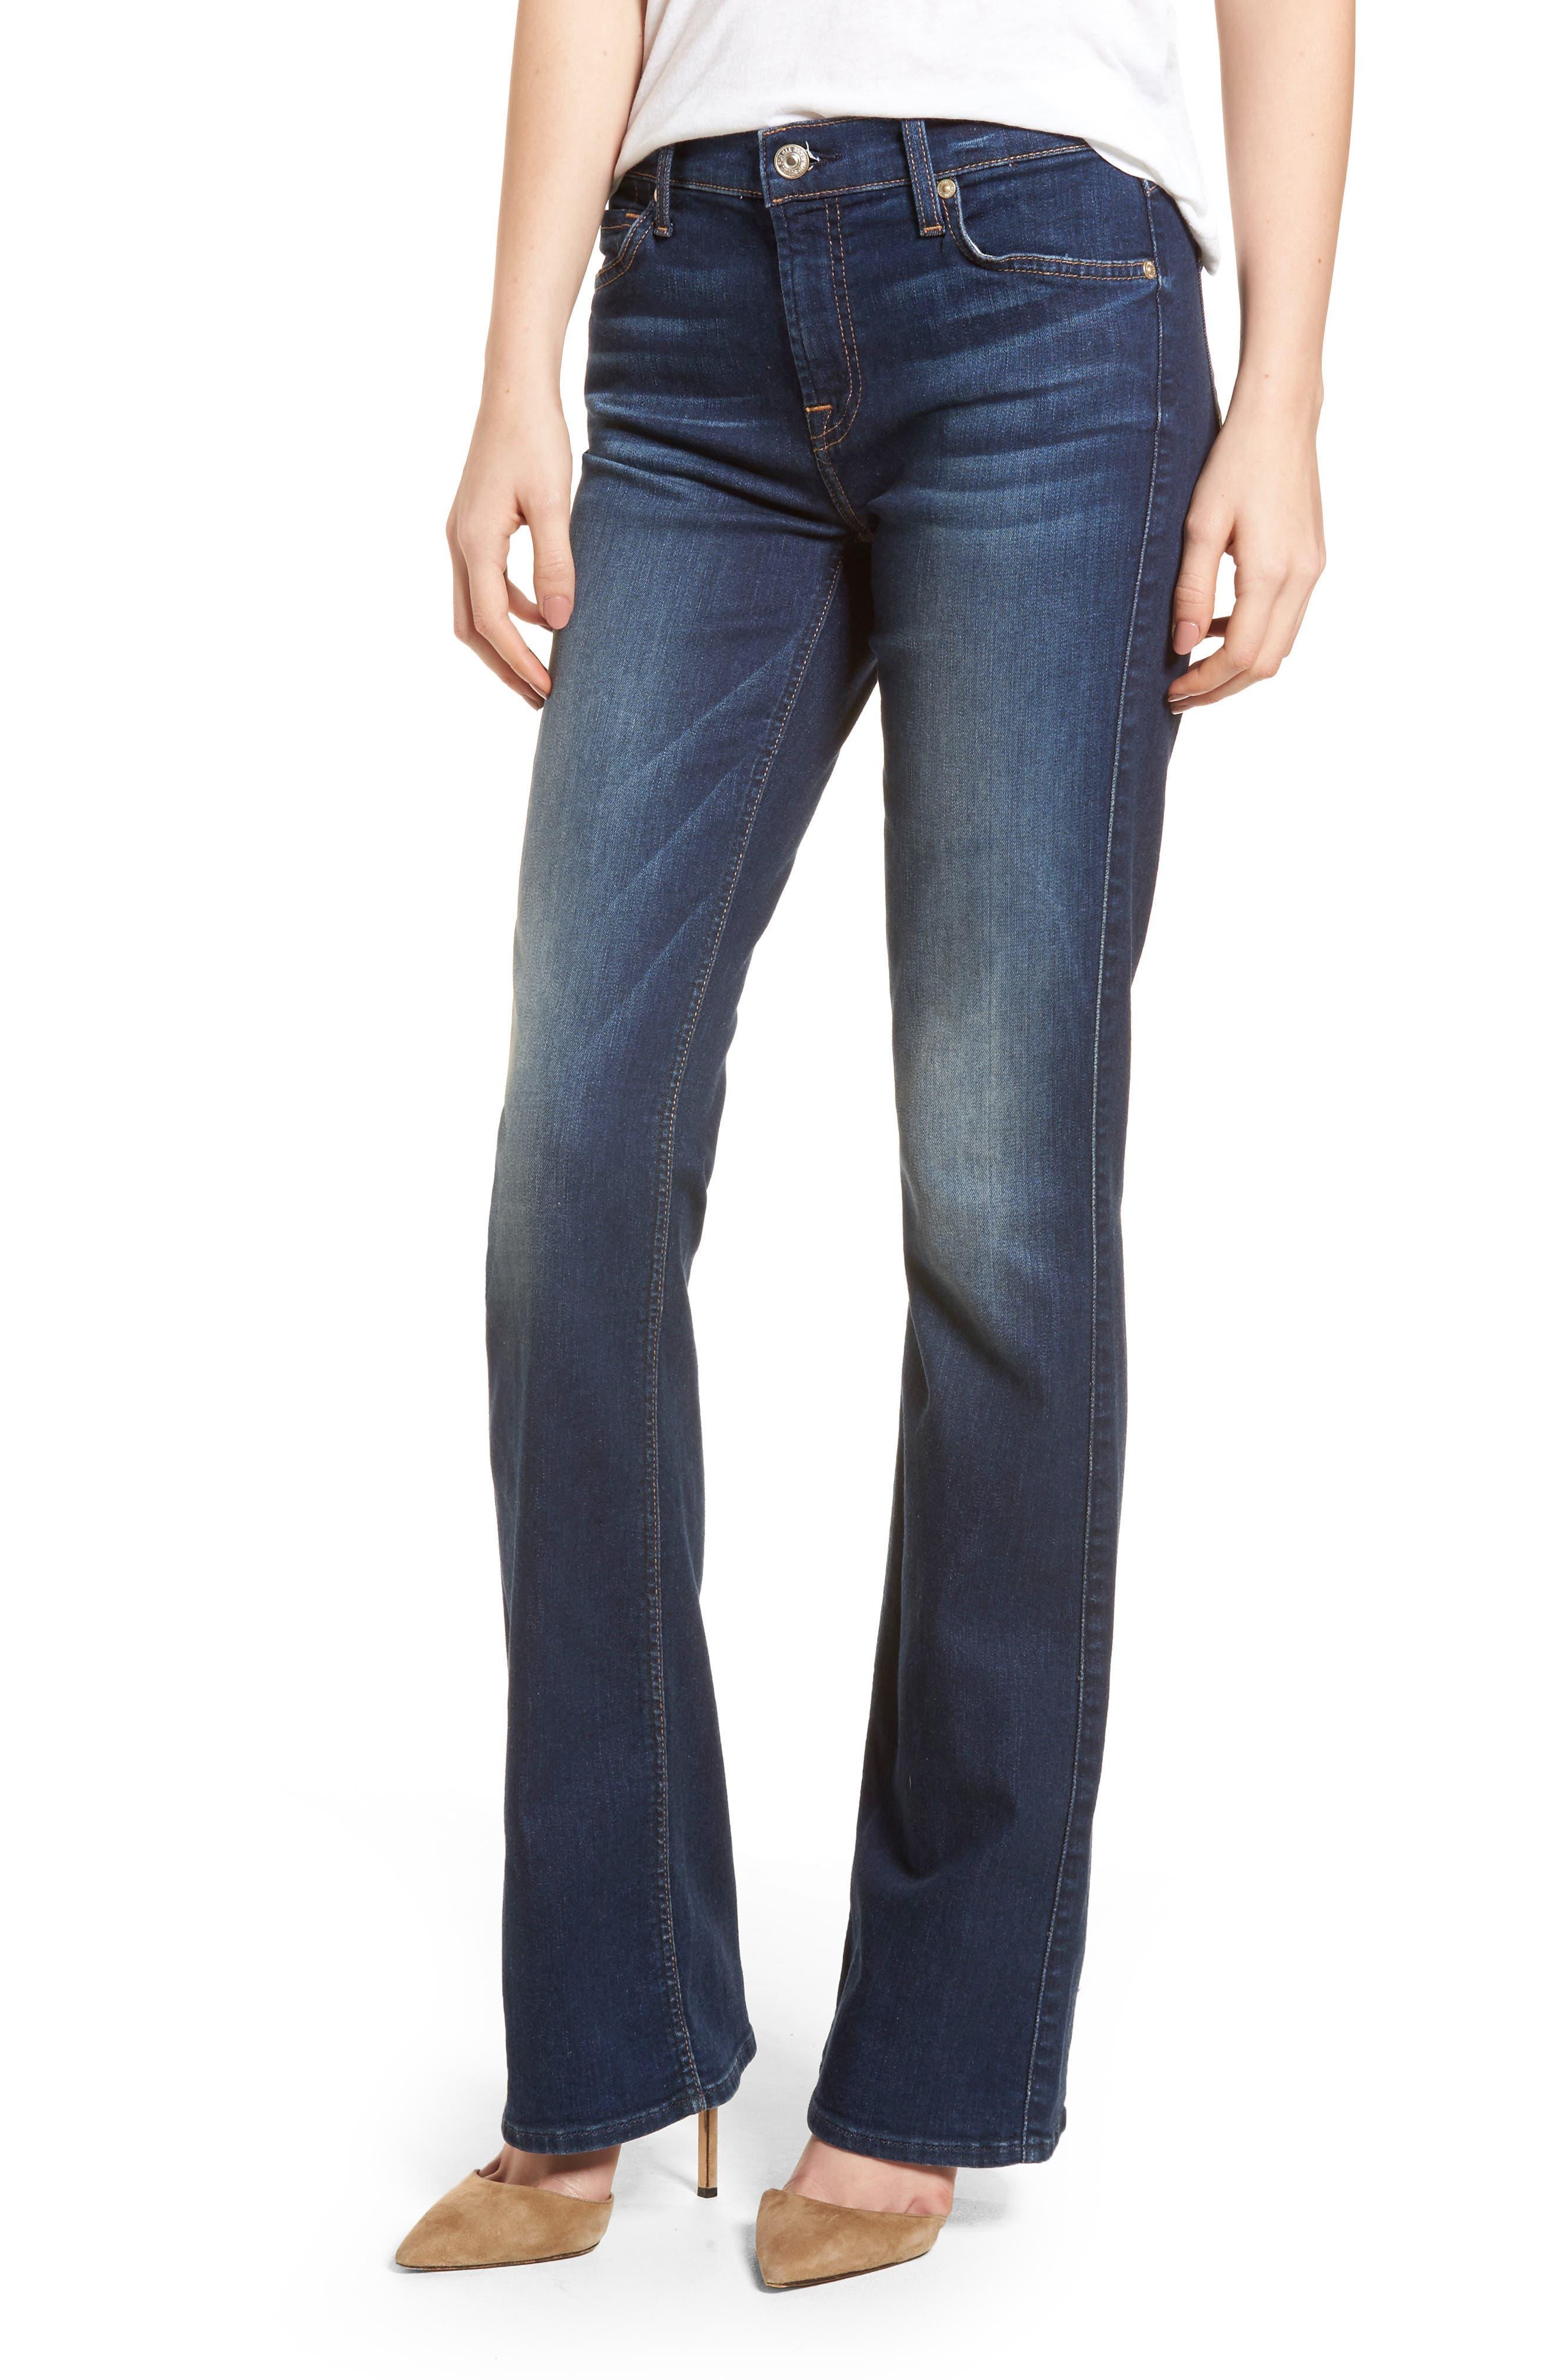 b(air) Iconic Bootcut Jeans,                             Main thumbnail 1, color,                             MORENO